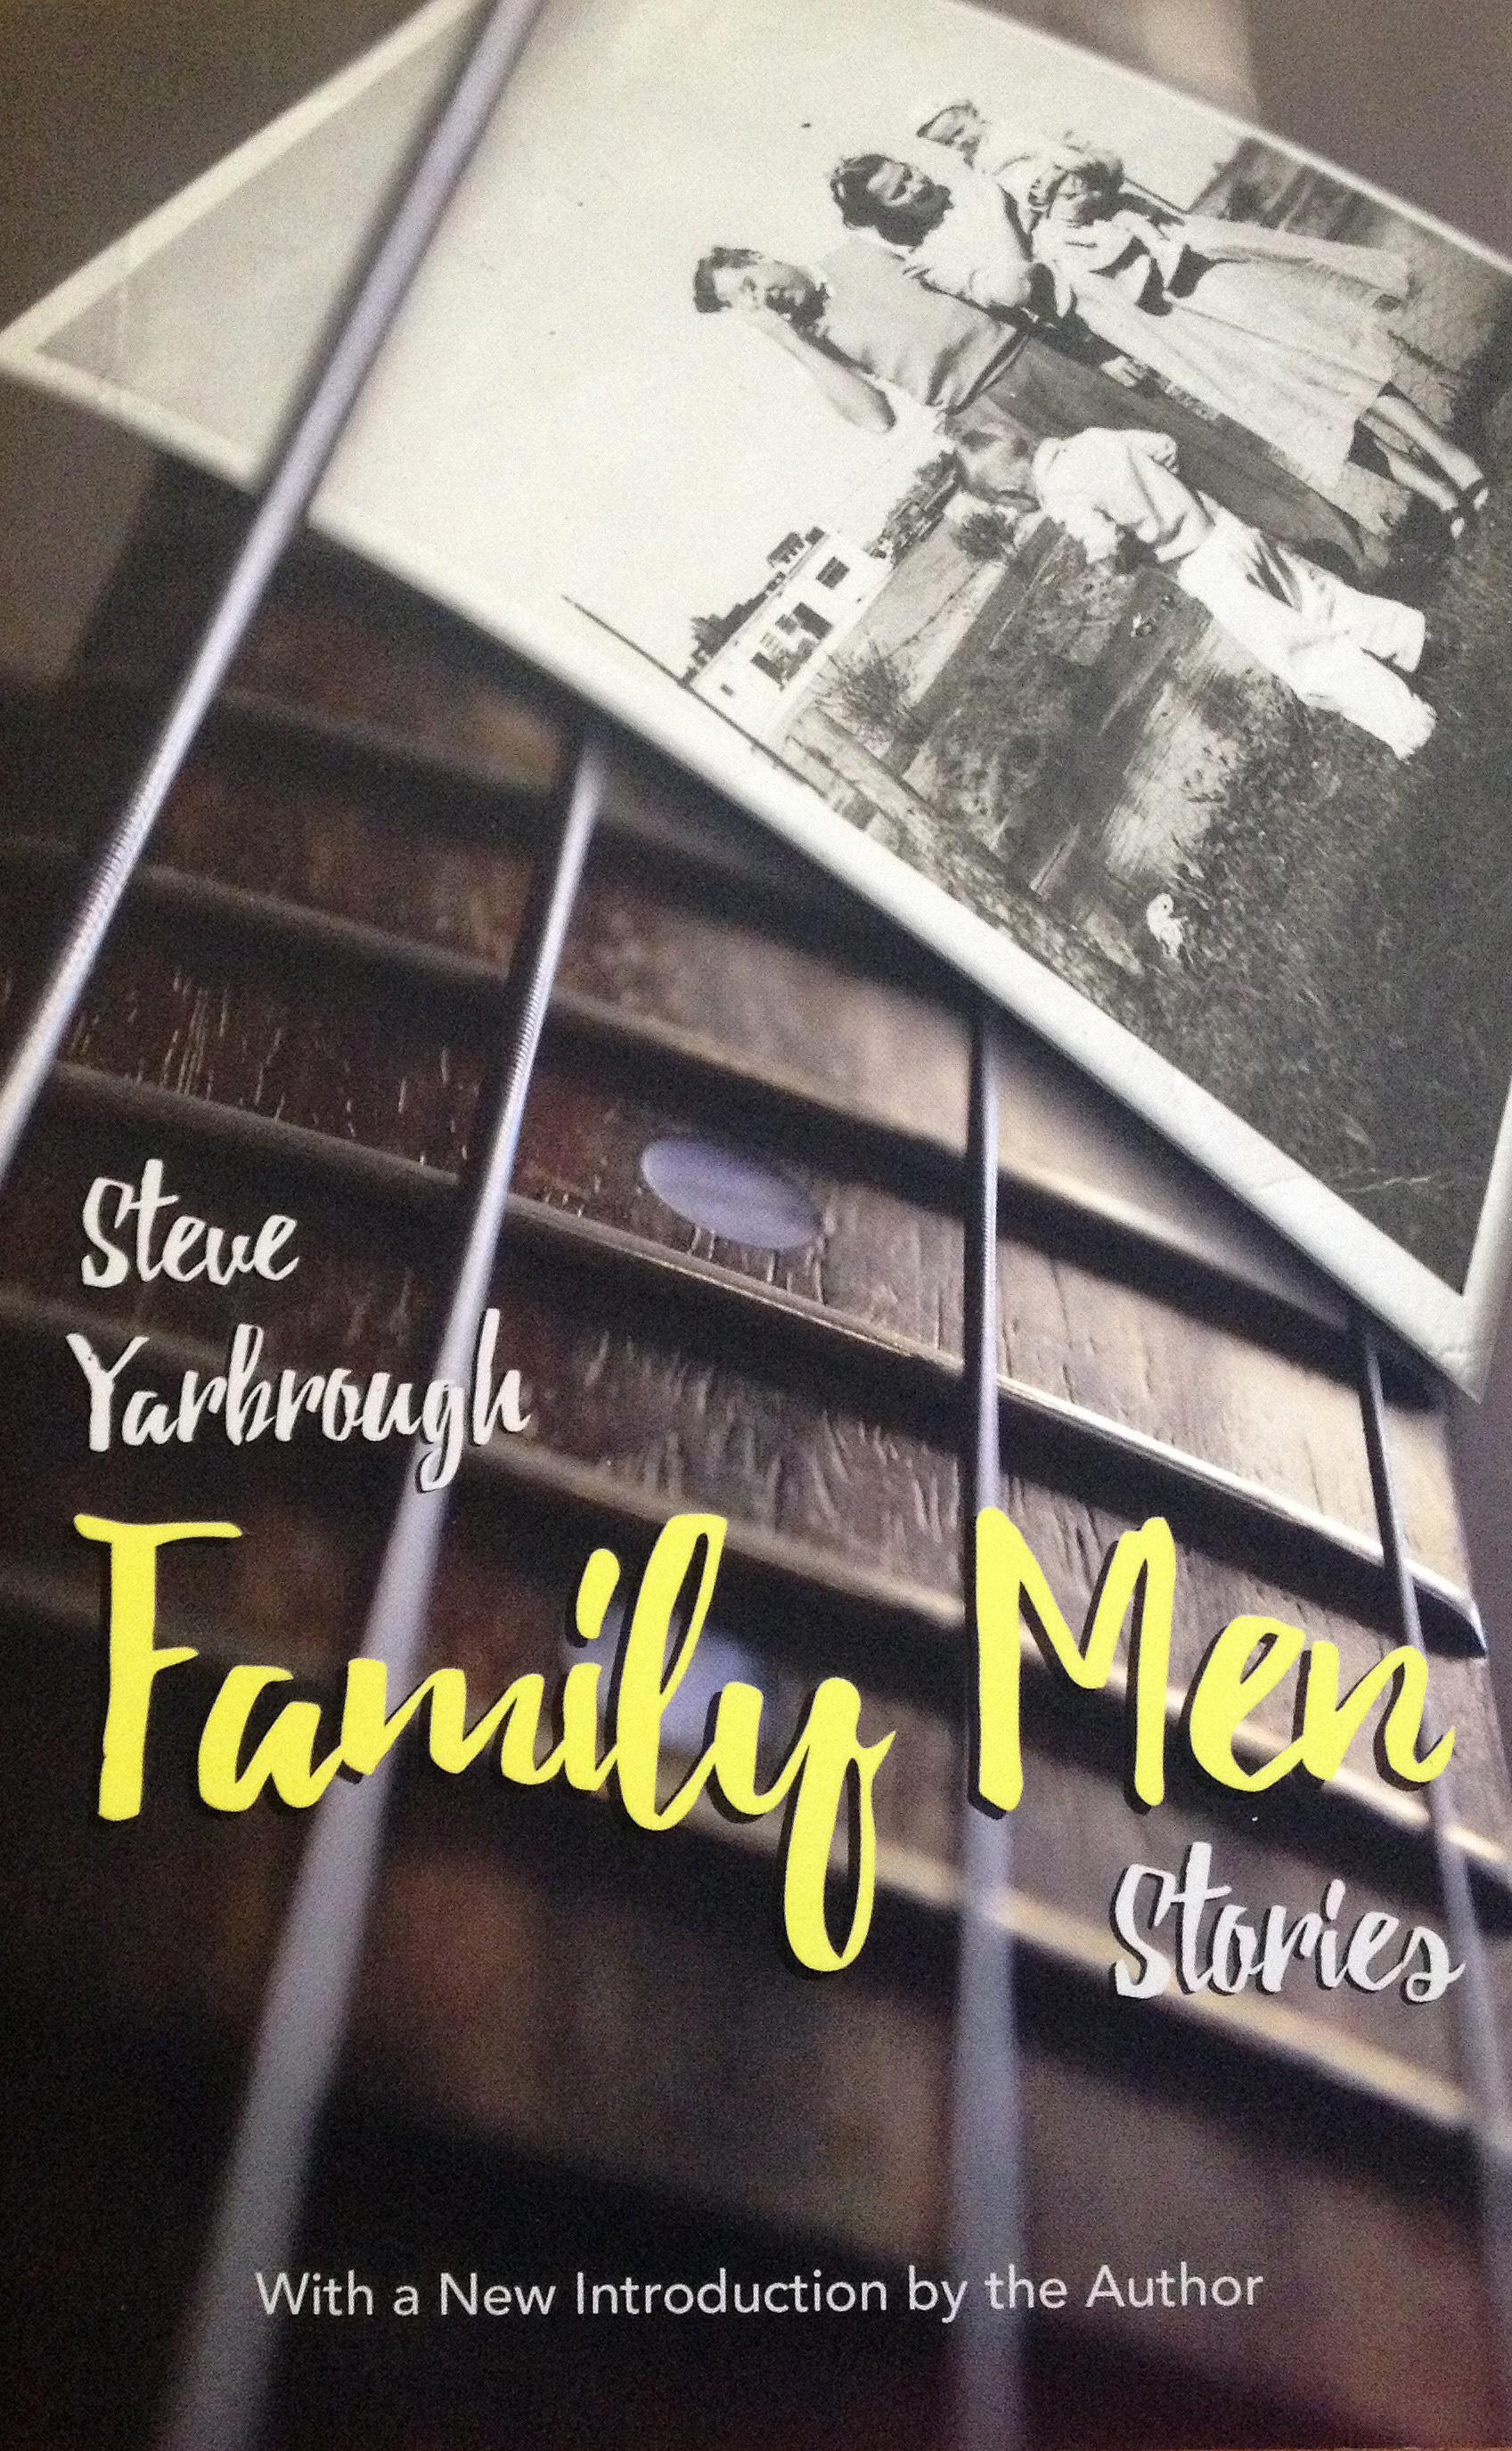 family-man-stories-cover.JPG